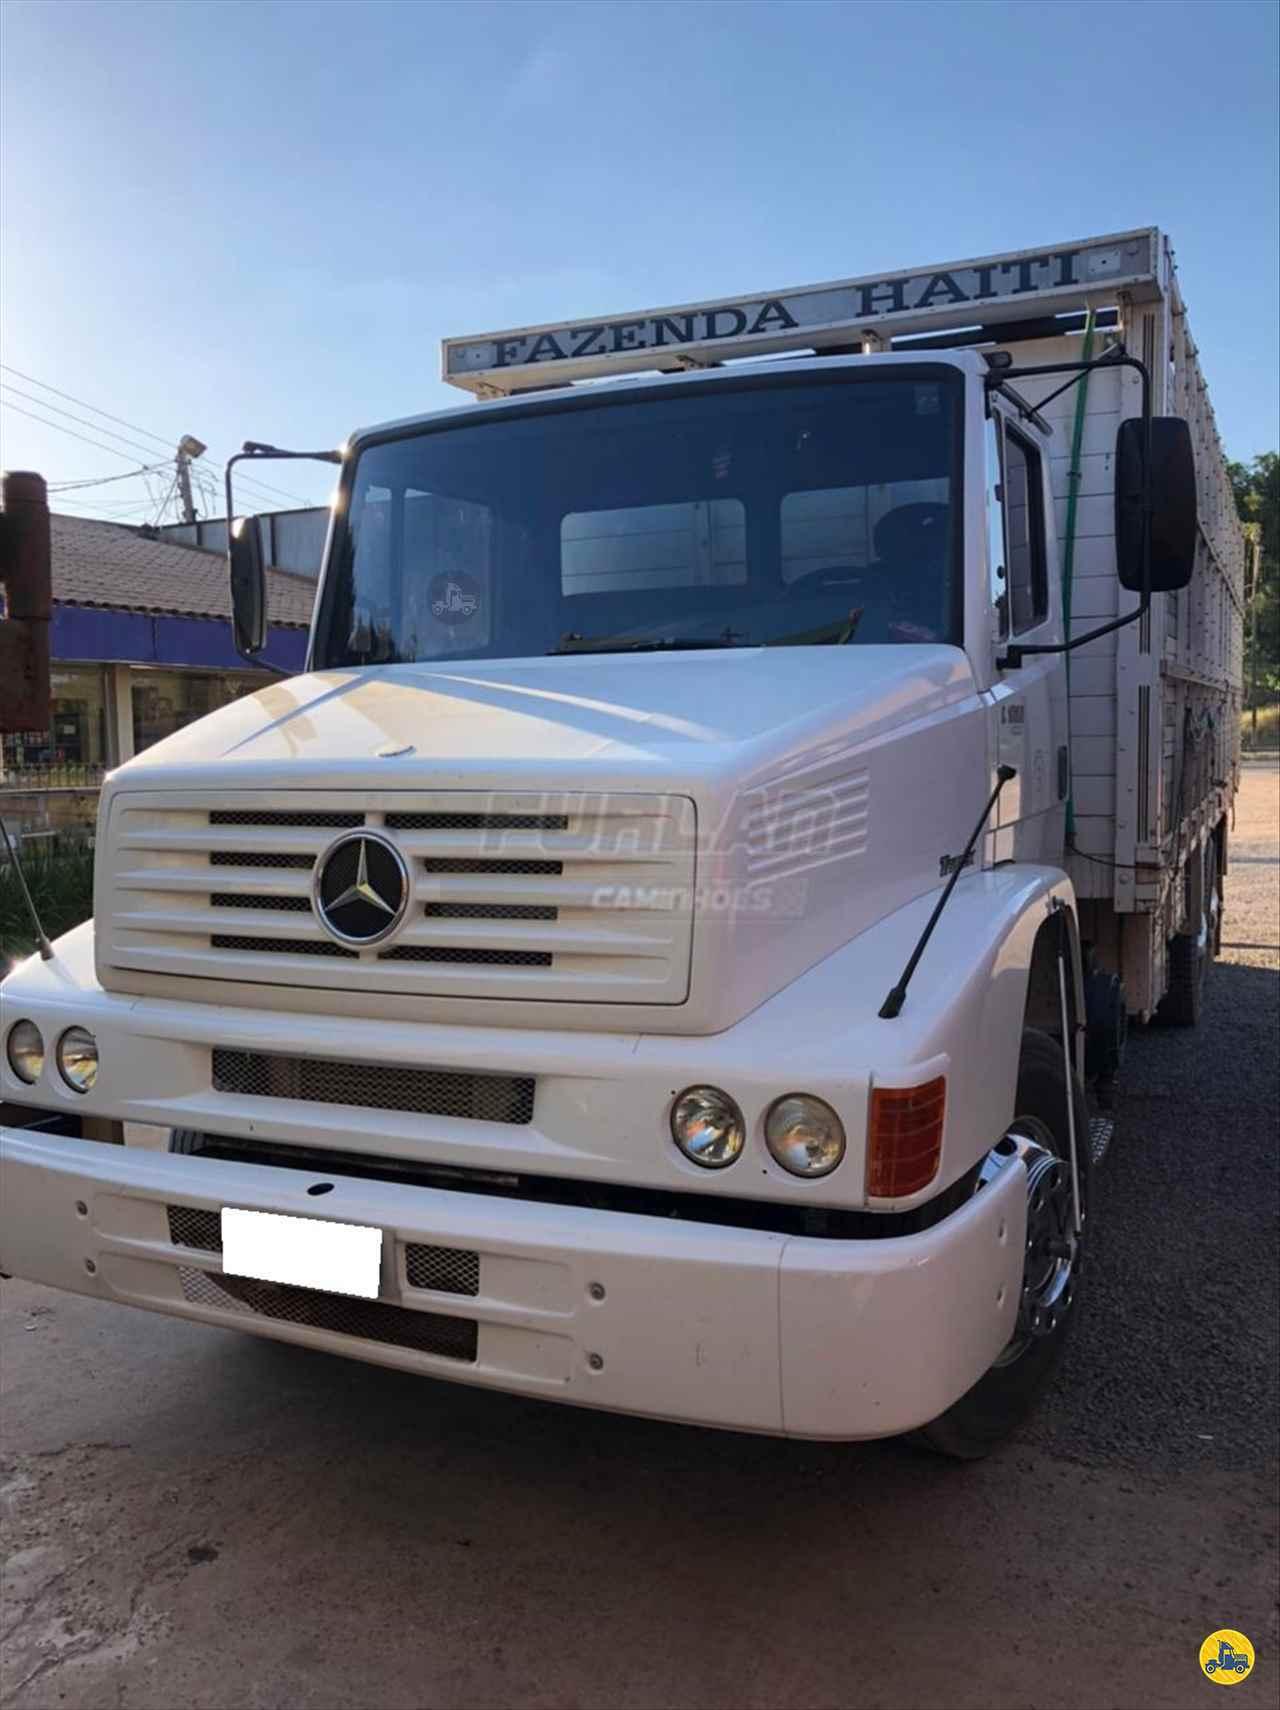 CAMINHAO MERCEDES-BENZ MB 1620 Boiadeiro Truck 6x2 Furlan Caminhões UMUARAMA PARANÁ PR